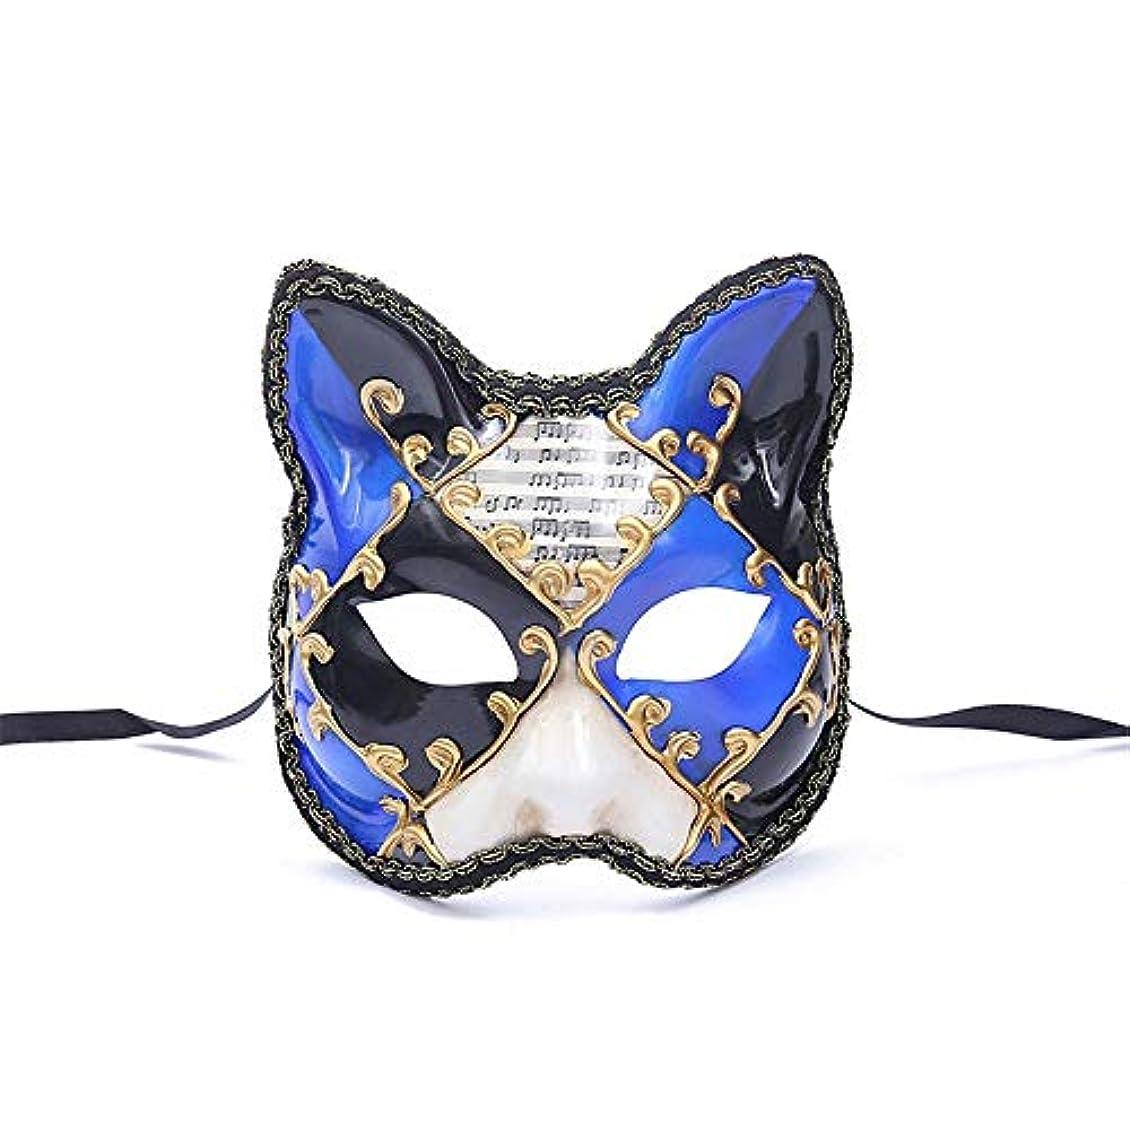 悪意白菜件名ダンスマスク 大きな猫アンティーク動物レトロコスプレハロウィーン仮装マスクナイトクラブマスク雰囲気フェスティバルマスク ホリデーパーティー用品 (色 : 青, サイズ : 17.5x16cm)